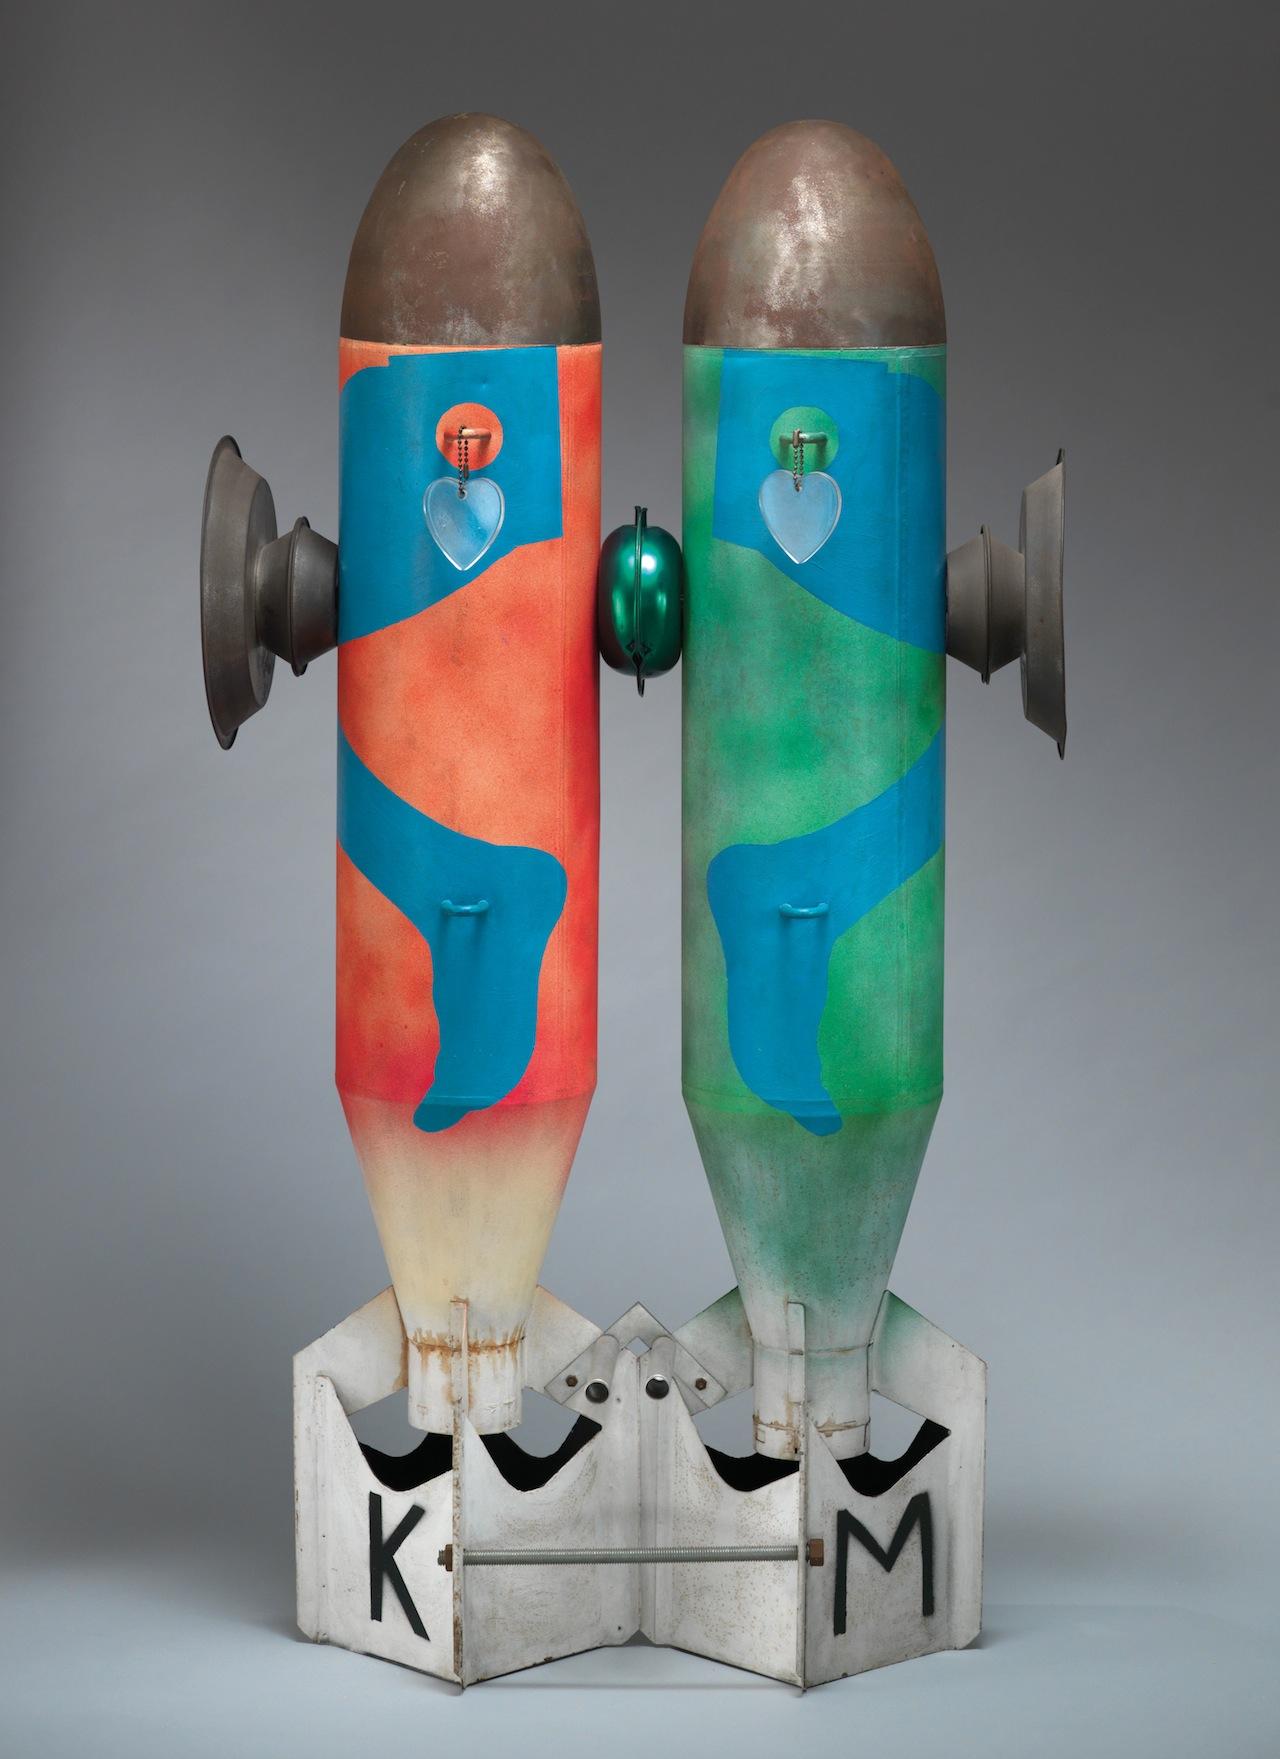 """Kiki Kogelnik, """"Bombs in Love"""" (1962) (click to enlarge)"""